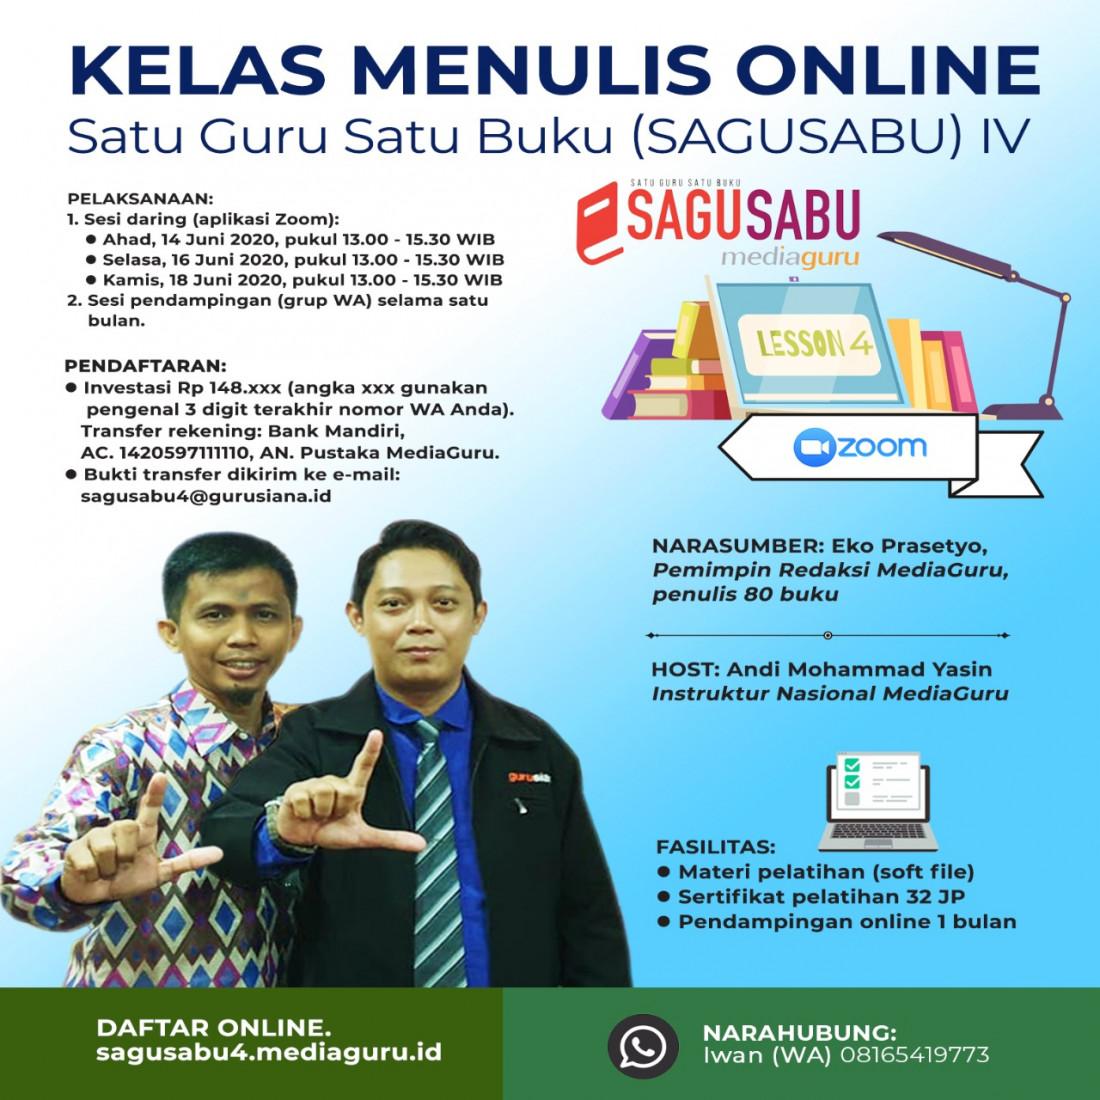 Kelas Menulis Online Satu Guru Satu Buku (Sagusabu) IV (14 - 18 Juni 2020)